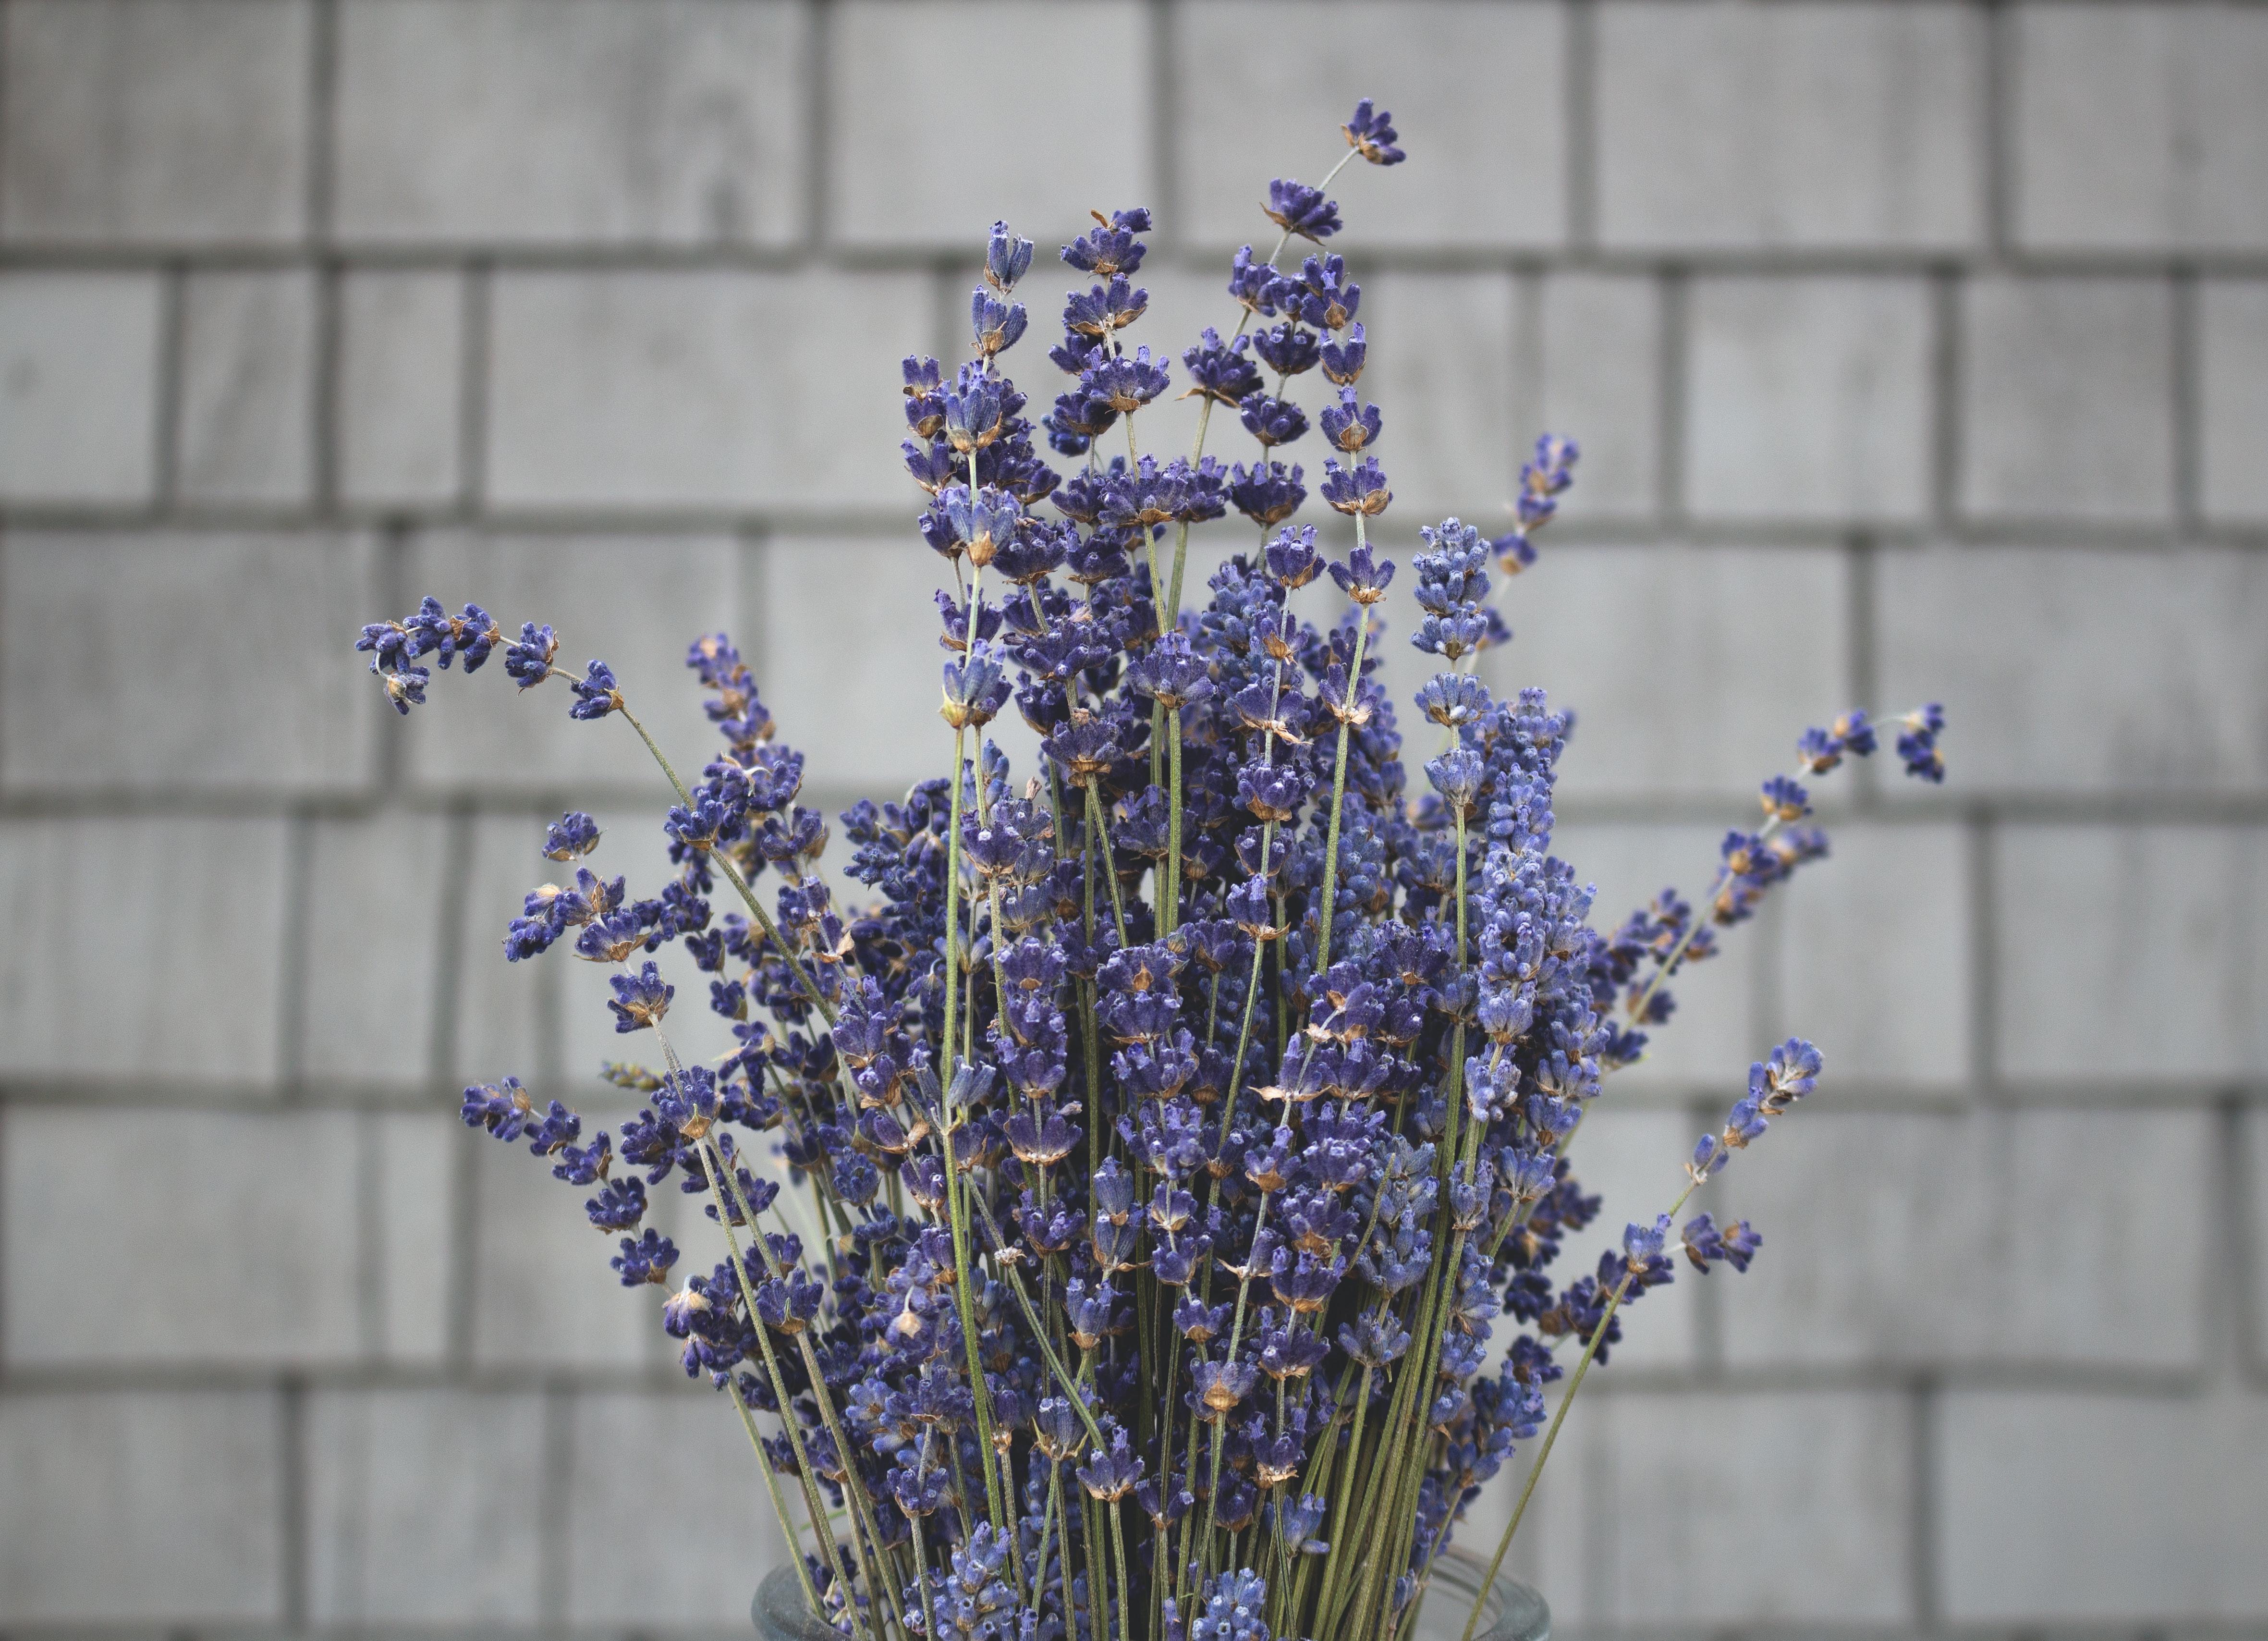 6 Fakta Menarik Tanaman Lavender, Bisa Meredakan Depresi Hingga Mencegah Kanker